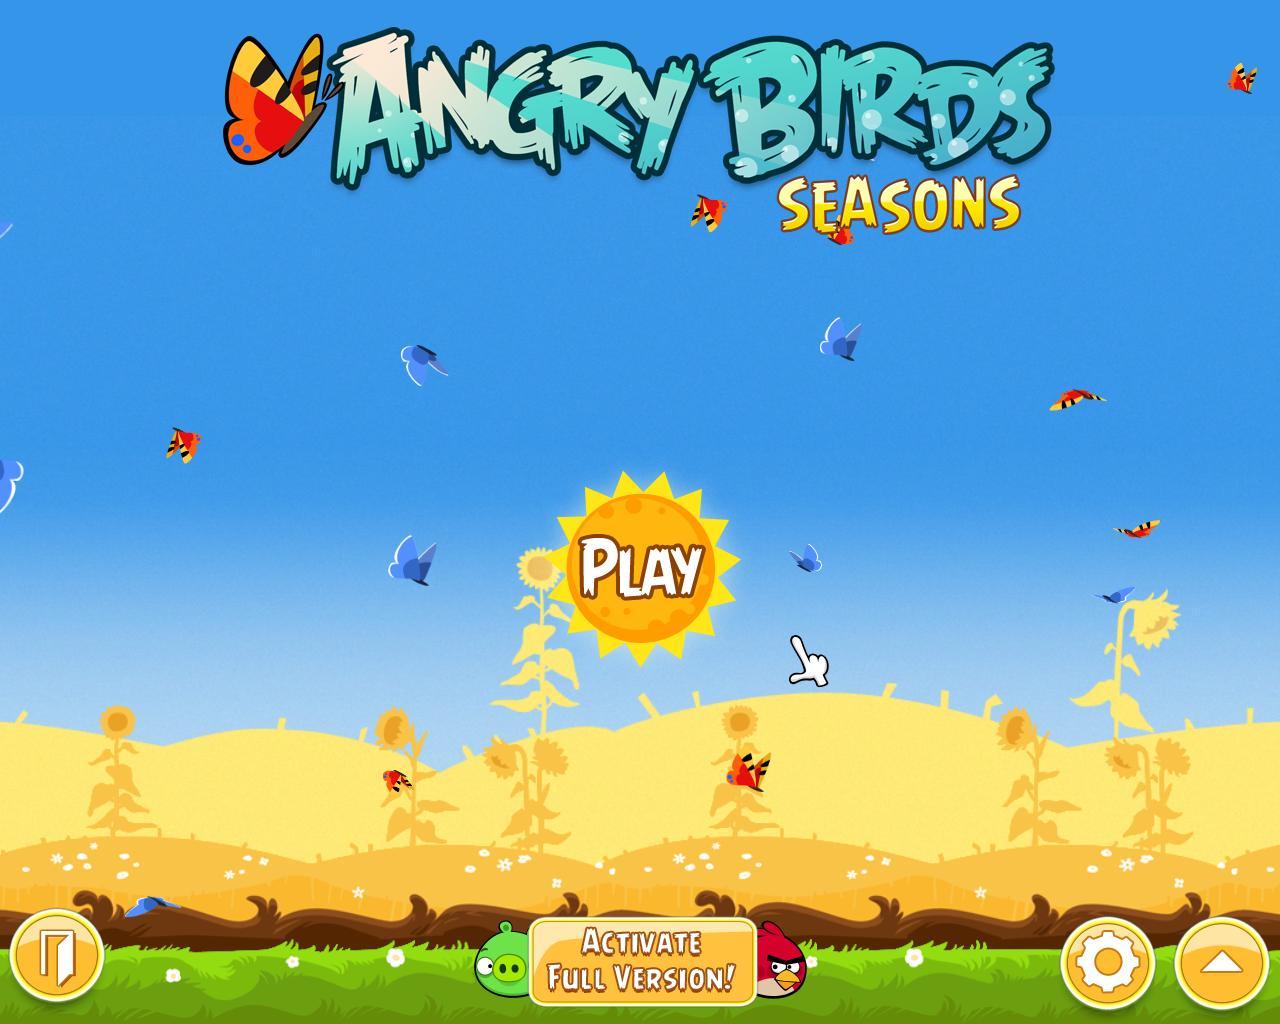 Angry Birds Seasons 1.5.1 PC+Crack 7fedd44b0b24ac5d15852949210ac1c6